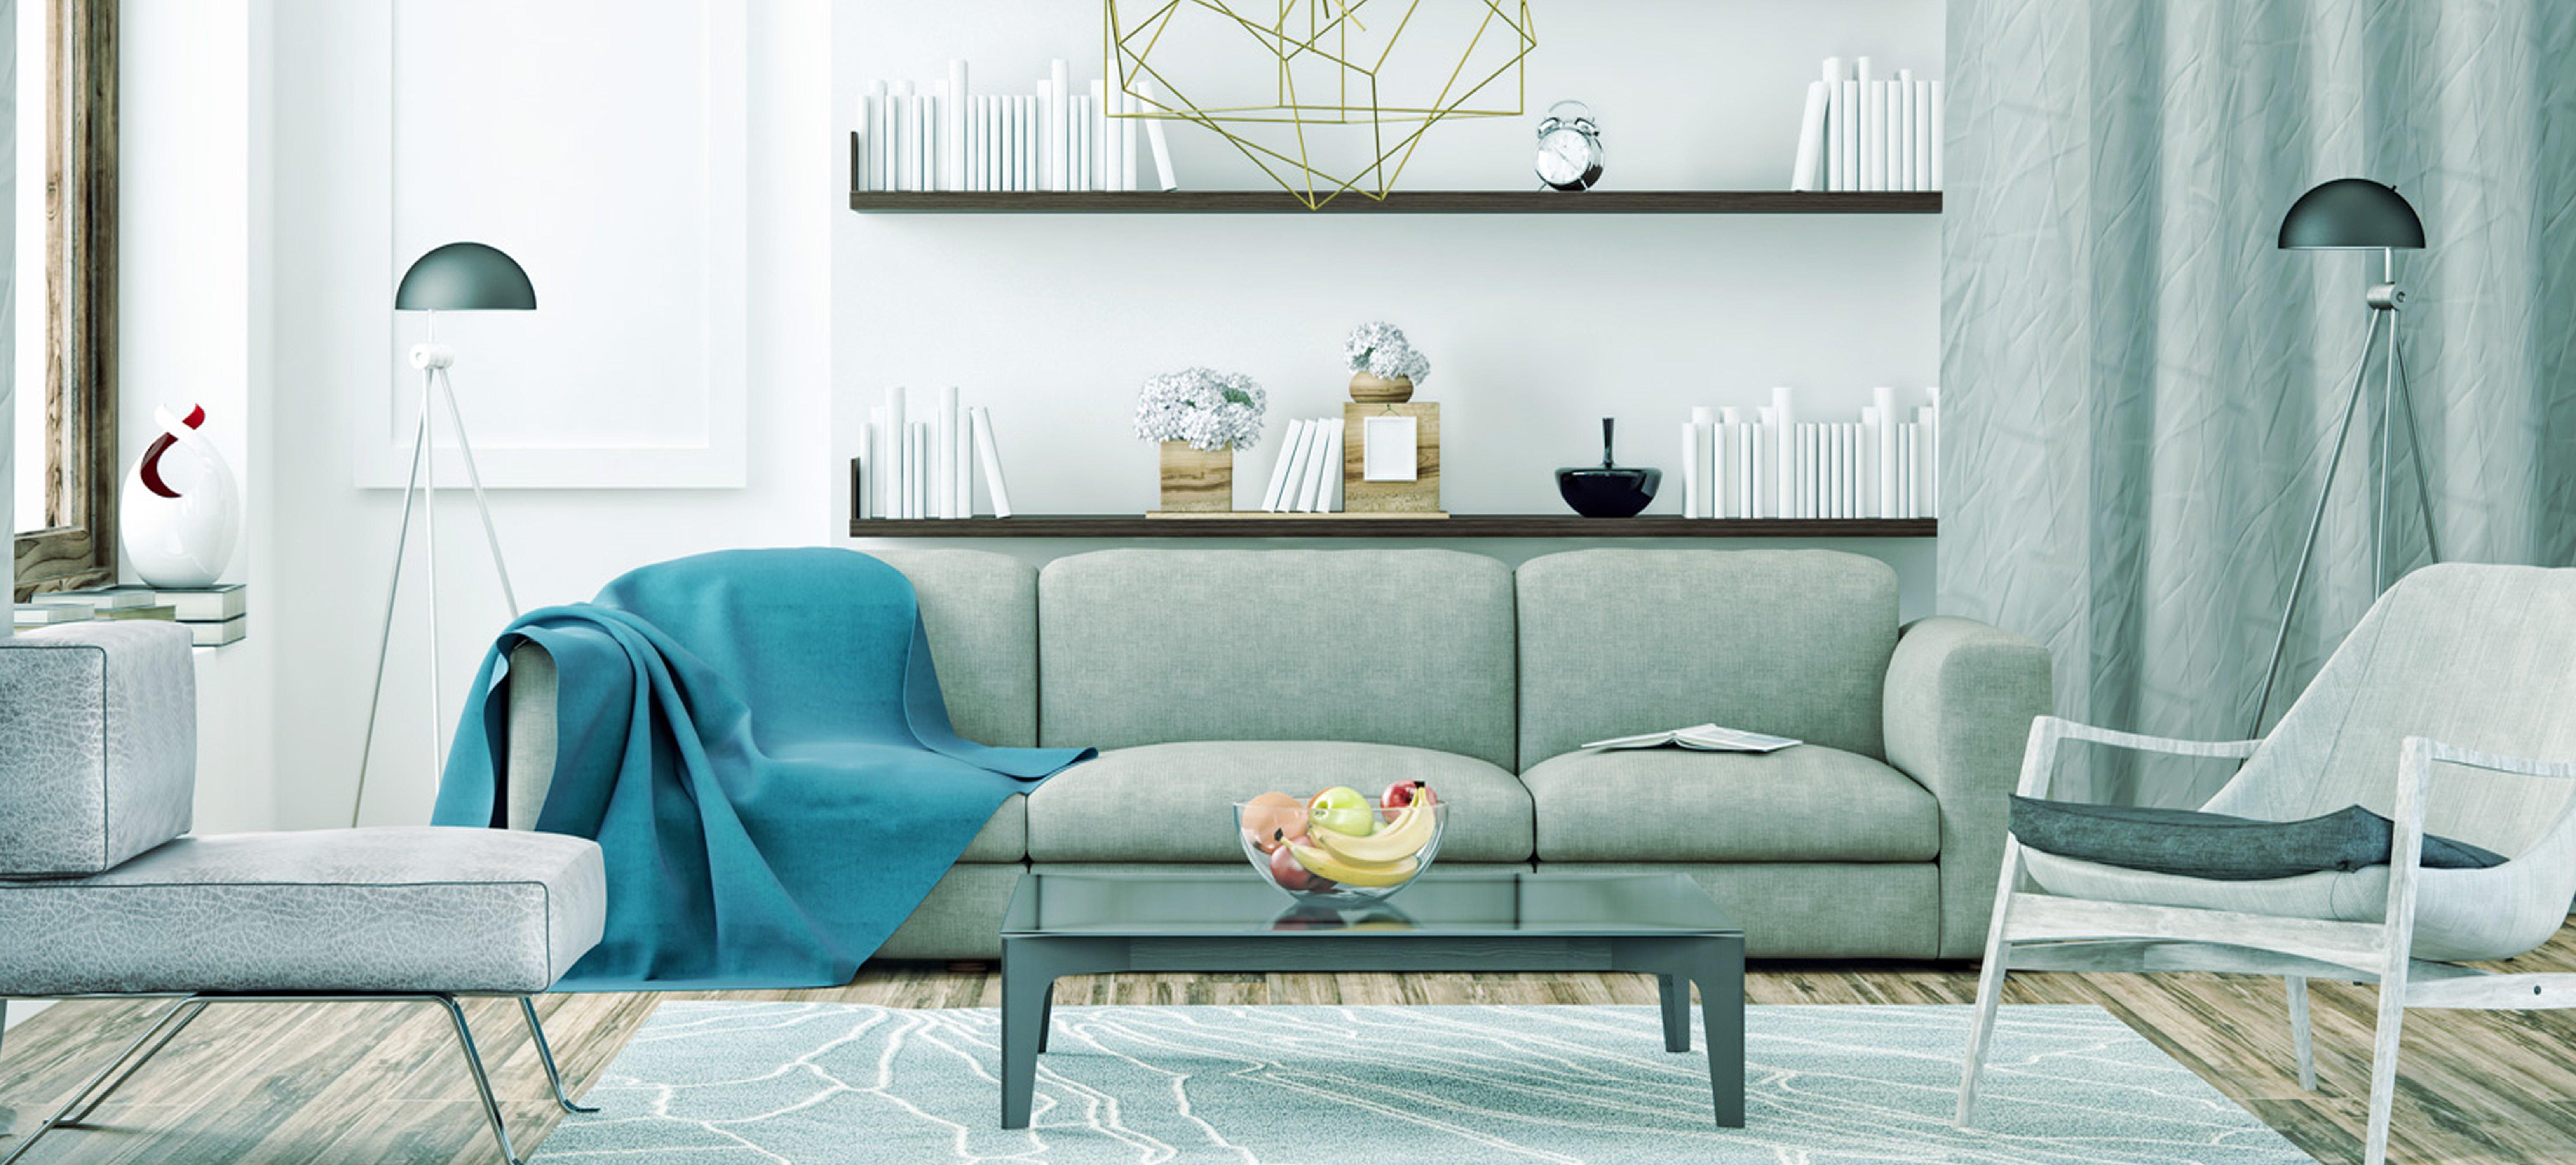 Interior style trend #1